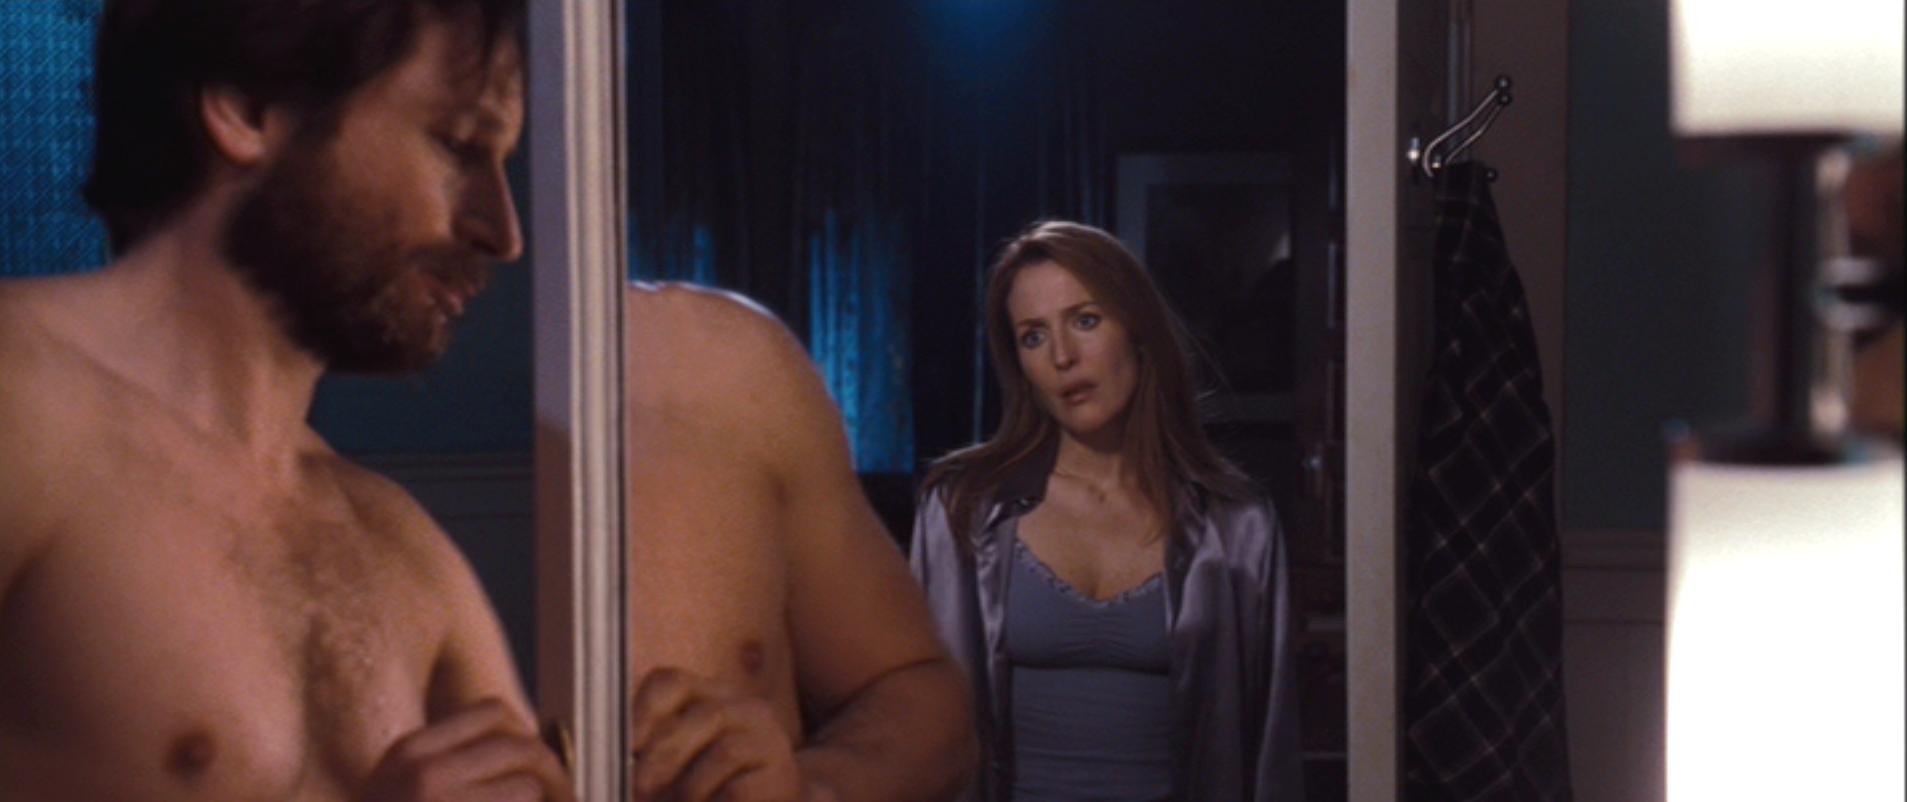 Rosie perez nude movie